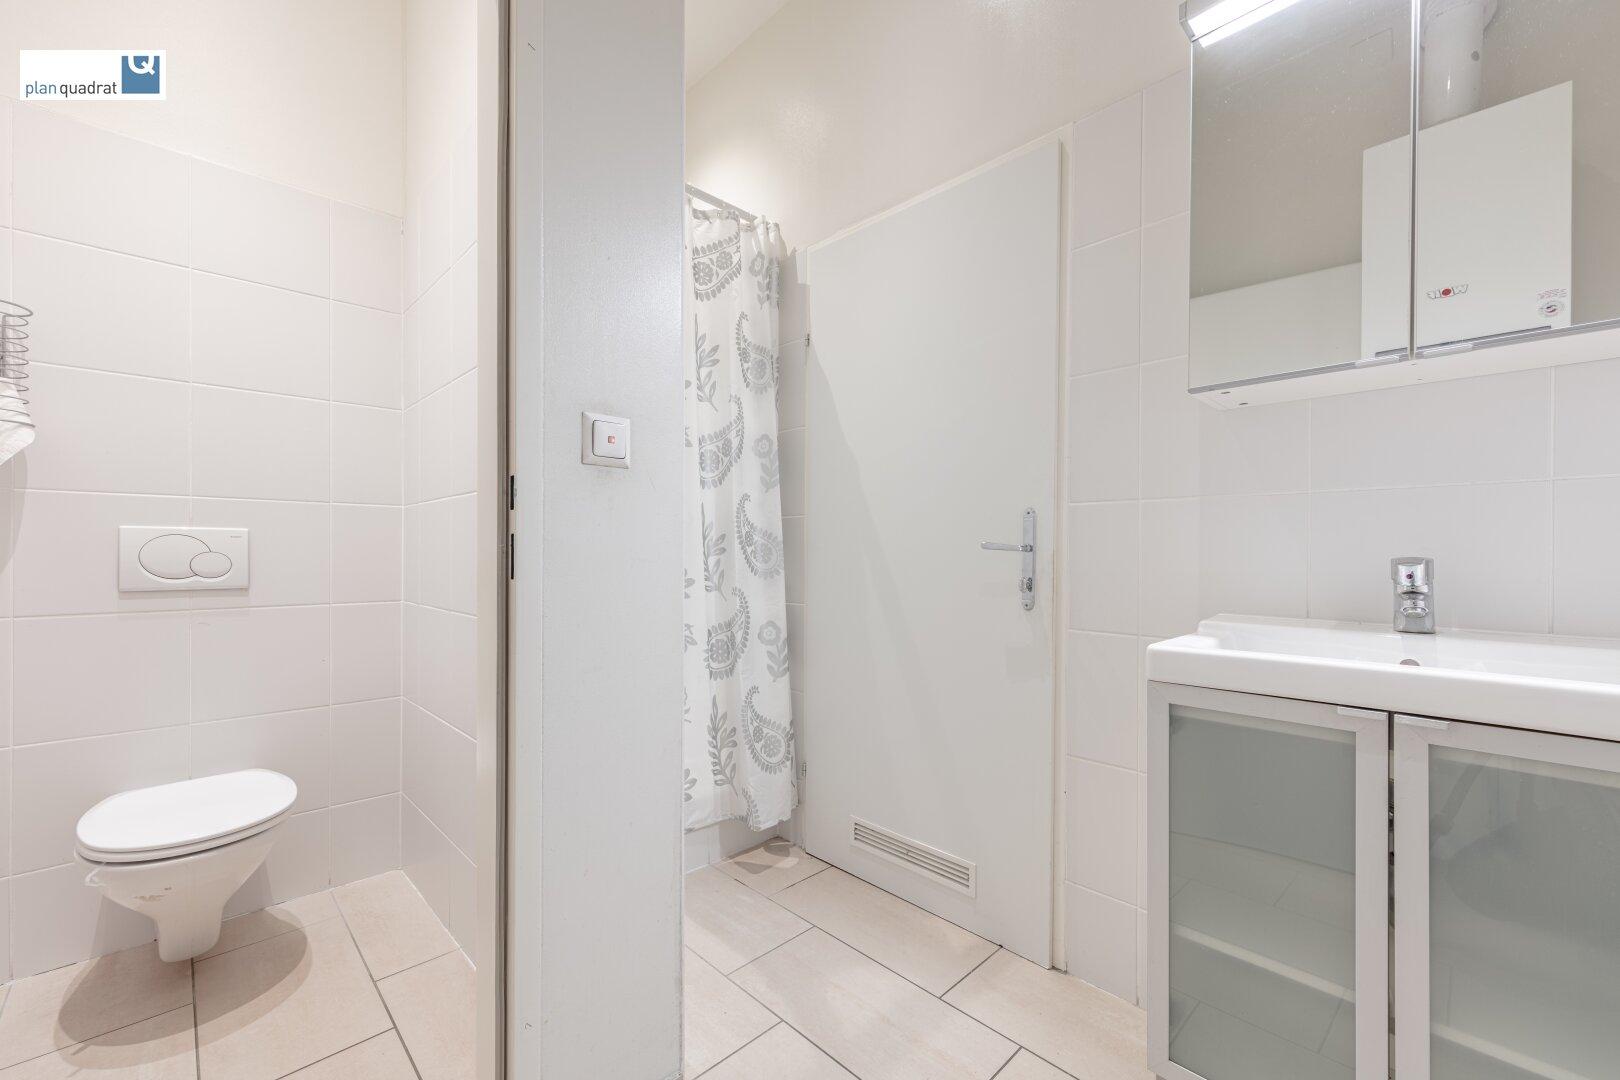 Waschraum mit Dusche und Toilette (ca. 4,40 m²)